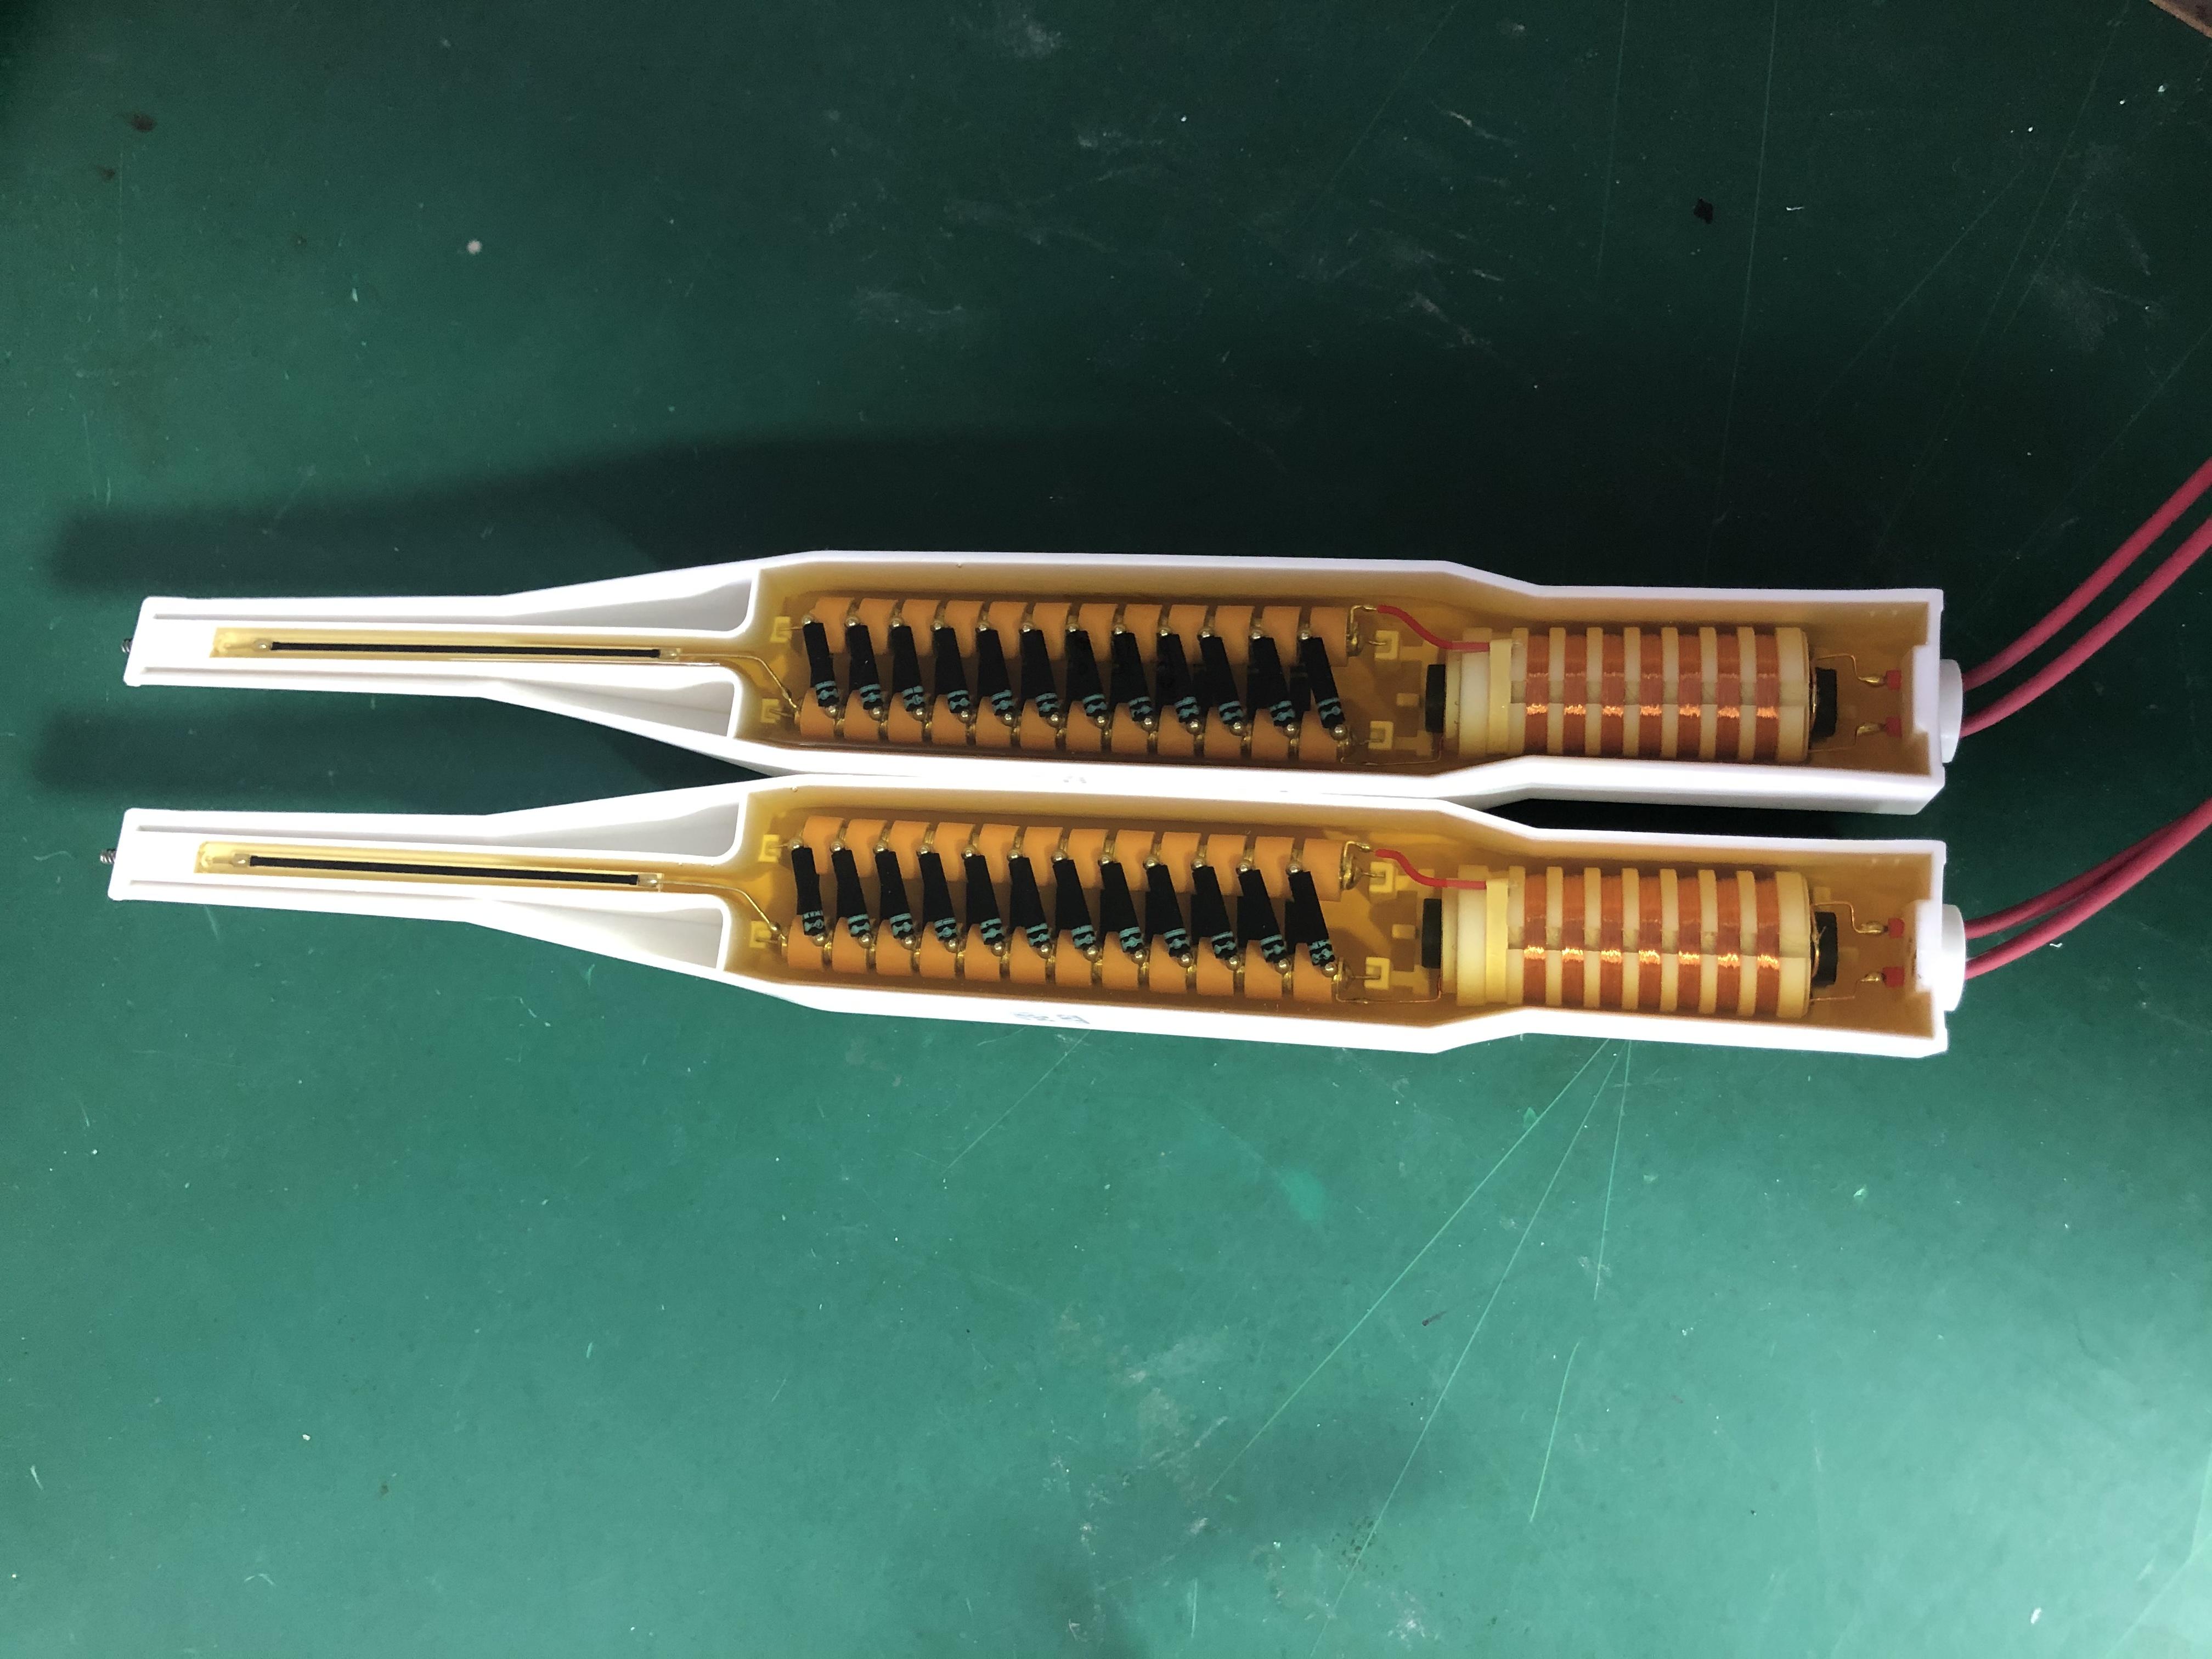 深圳瓦格纳尔喷粉机导电针价格,手动静电高压喷枪批发